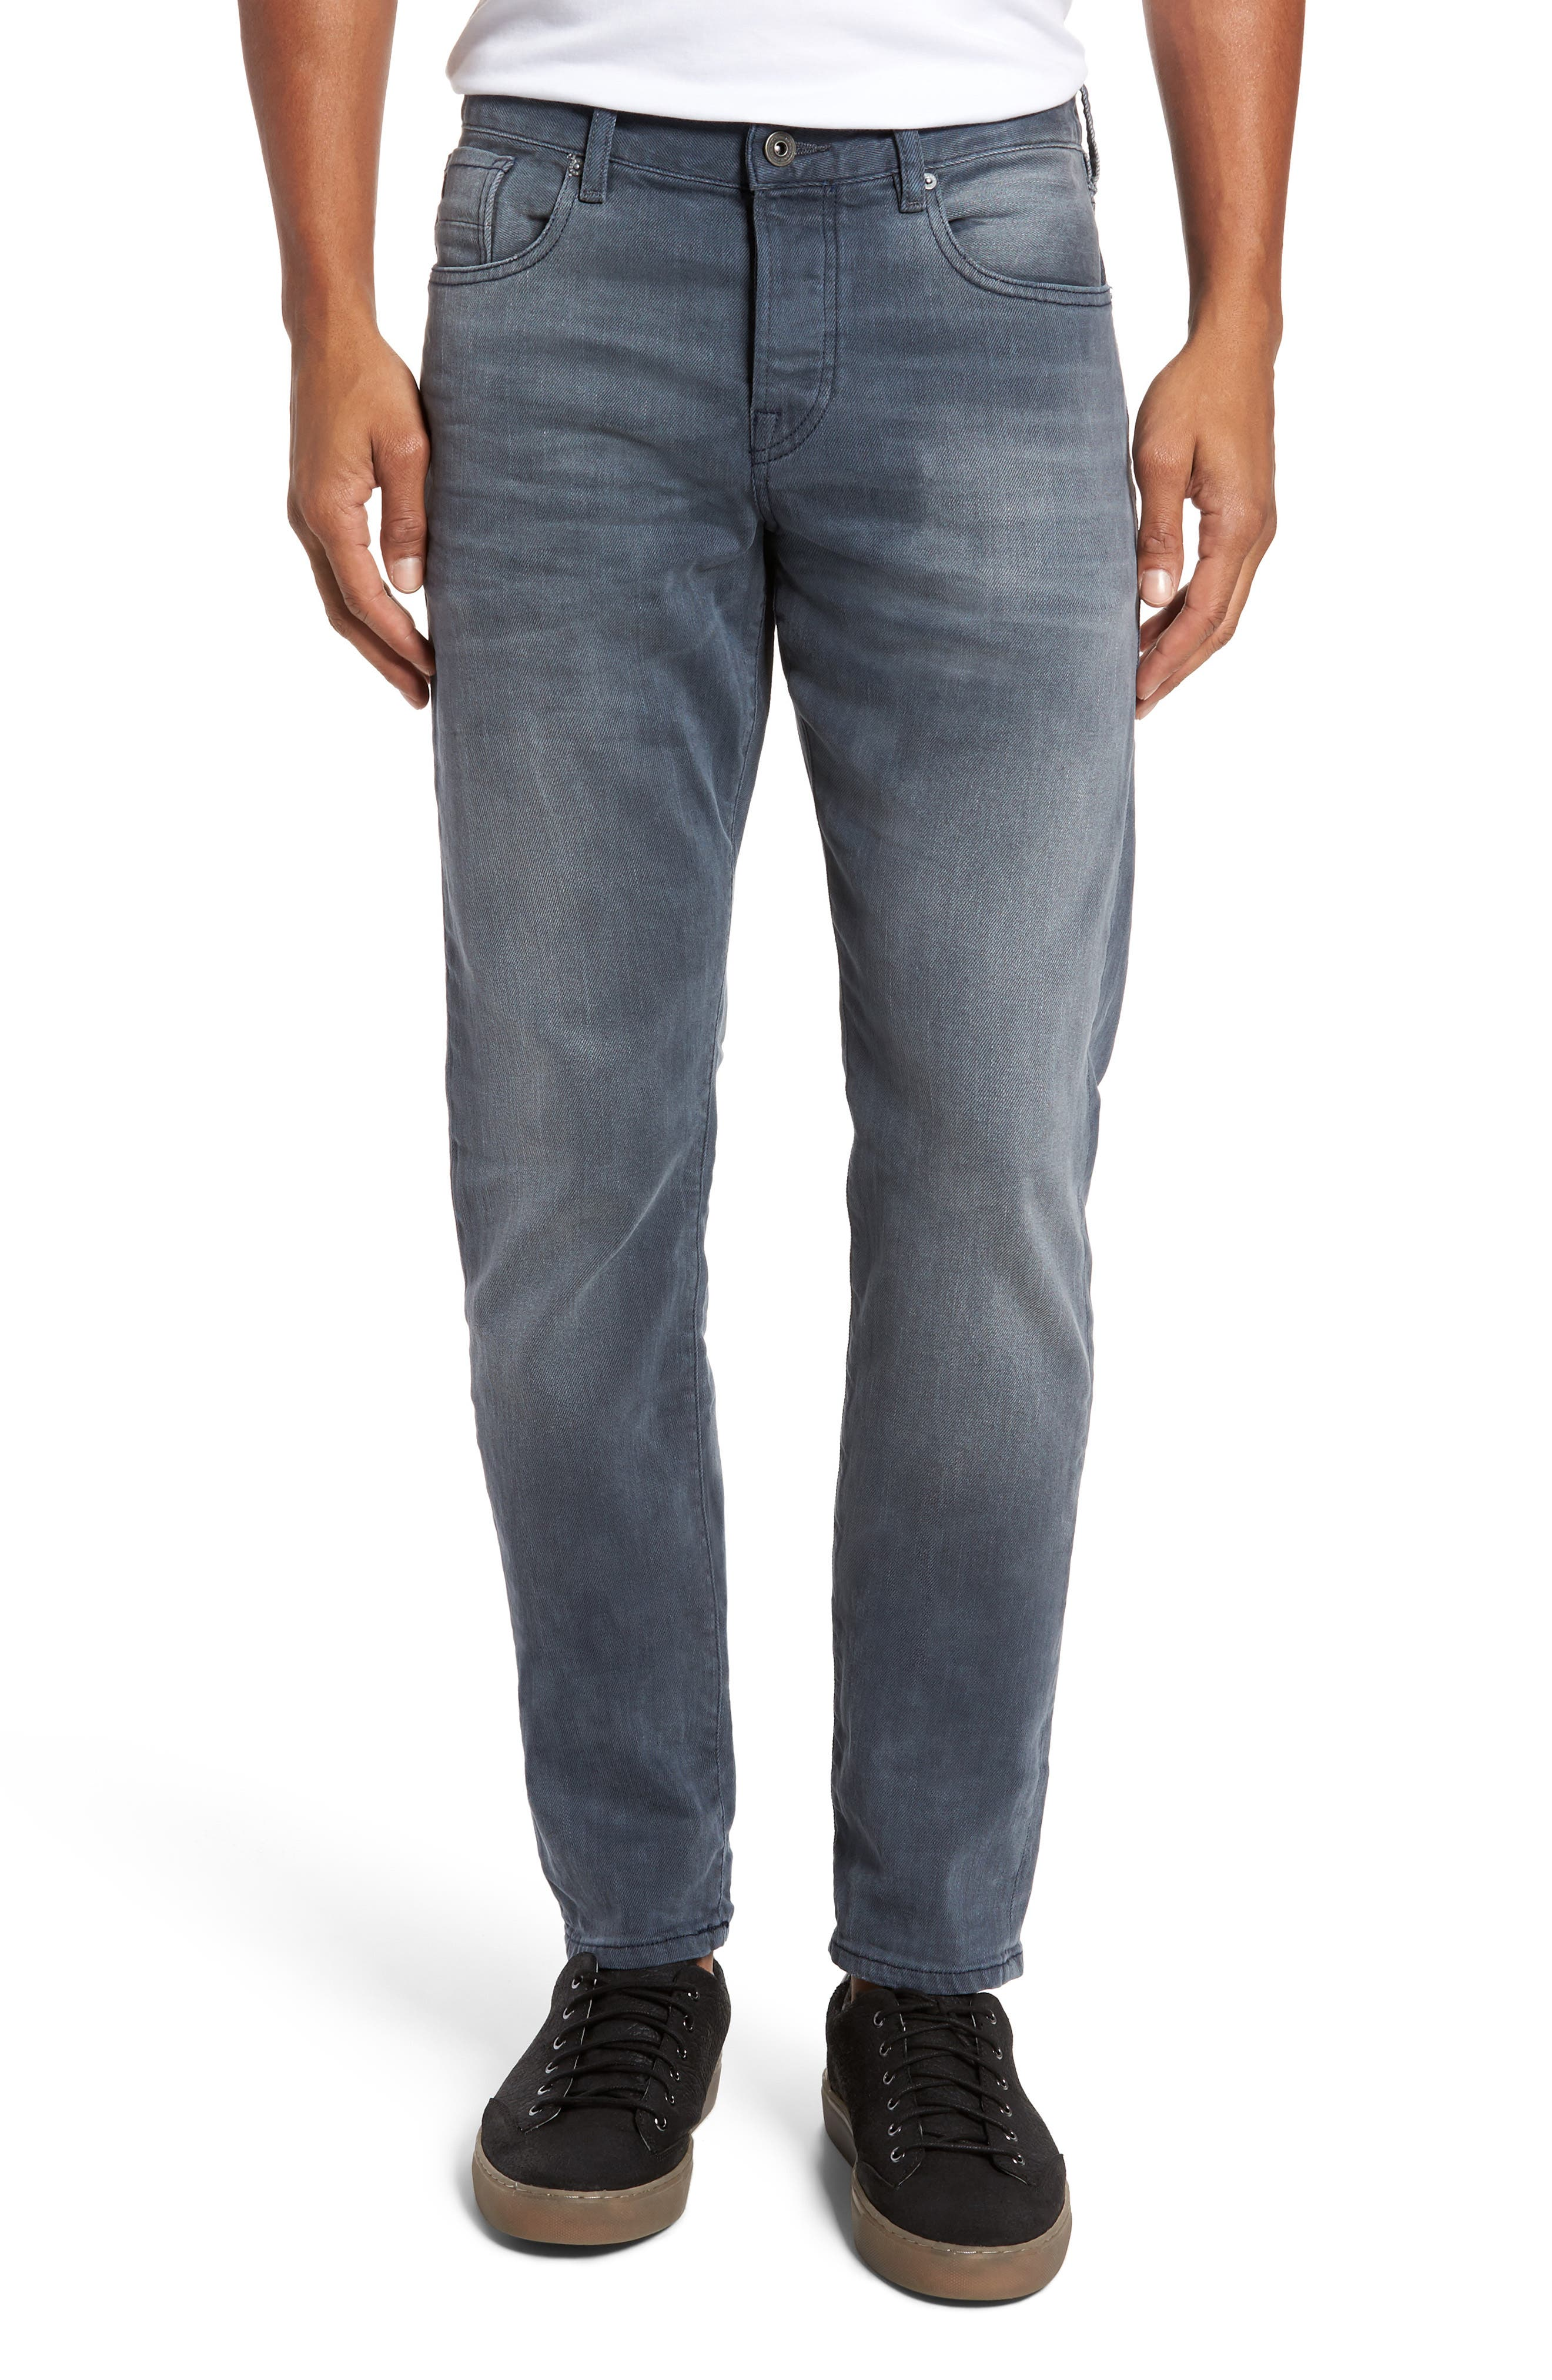 Ralston Slim Straight Leg Jeans,                             Main thumbnail 1, color,                             CONCRETE BLEACH